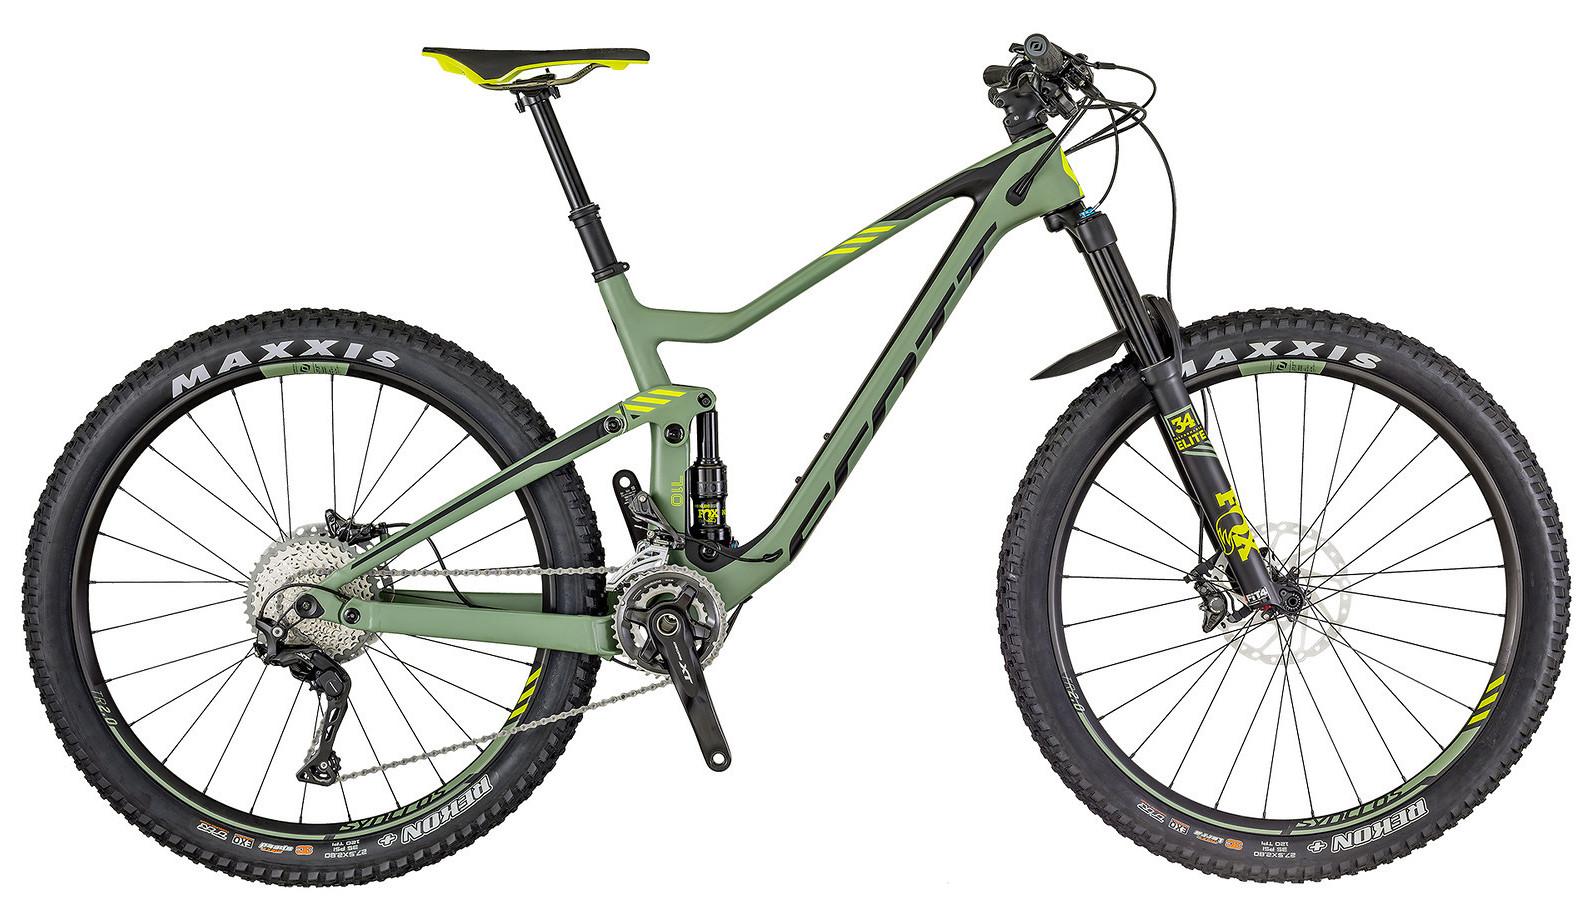 83cd9fd8962 2018 Scott Genius 710 Bike - Reviews, Comparisons, Specs - Mountain ...